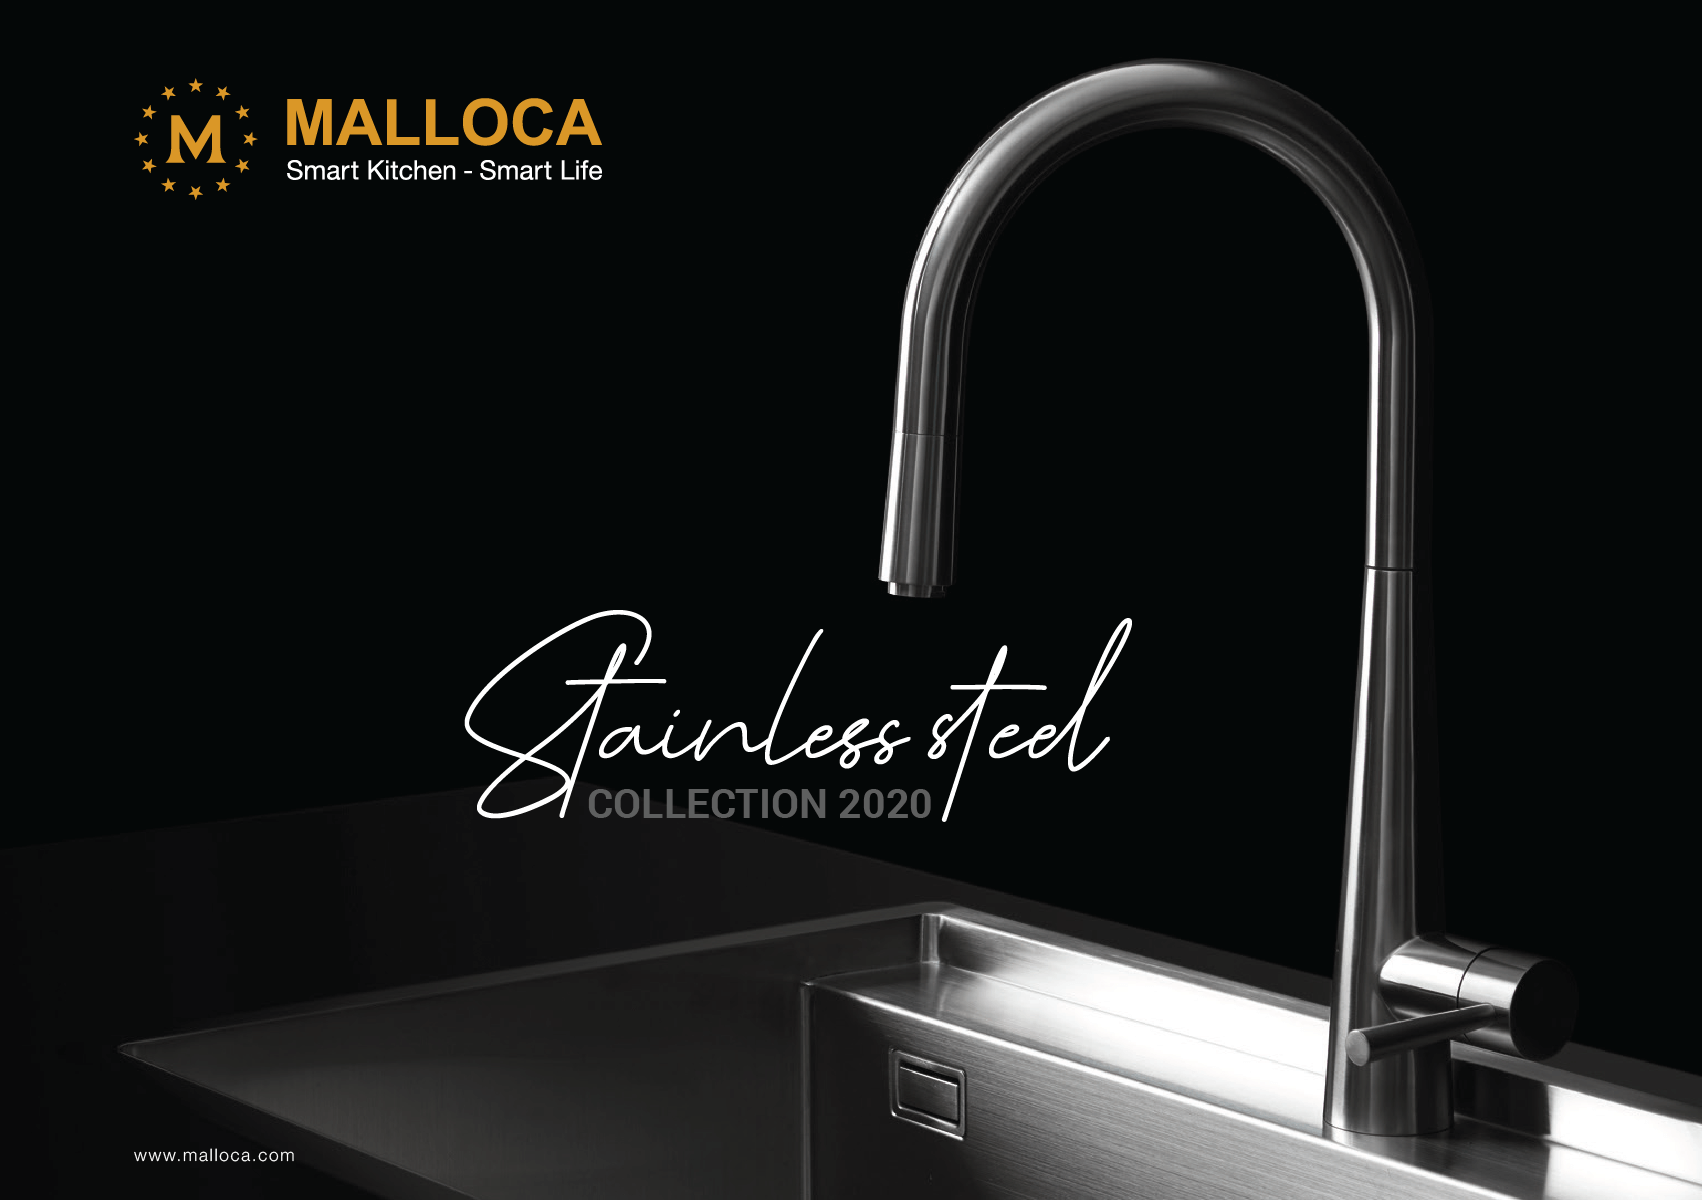 Bộ sưu tập vòi đầy cảm xúc năm 2019 của Malloca